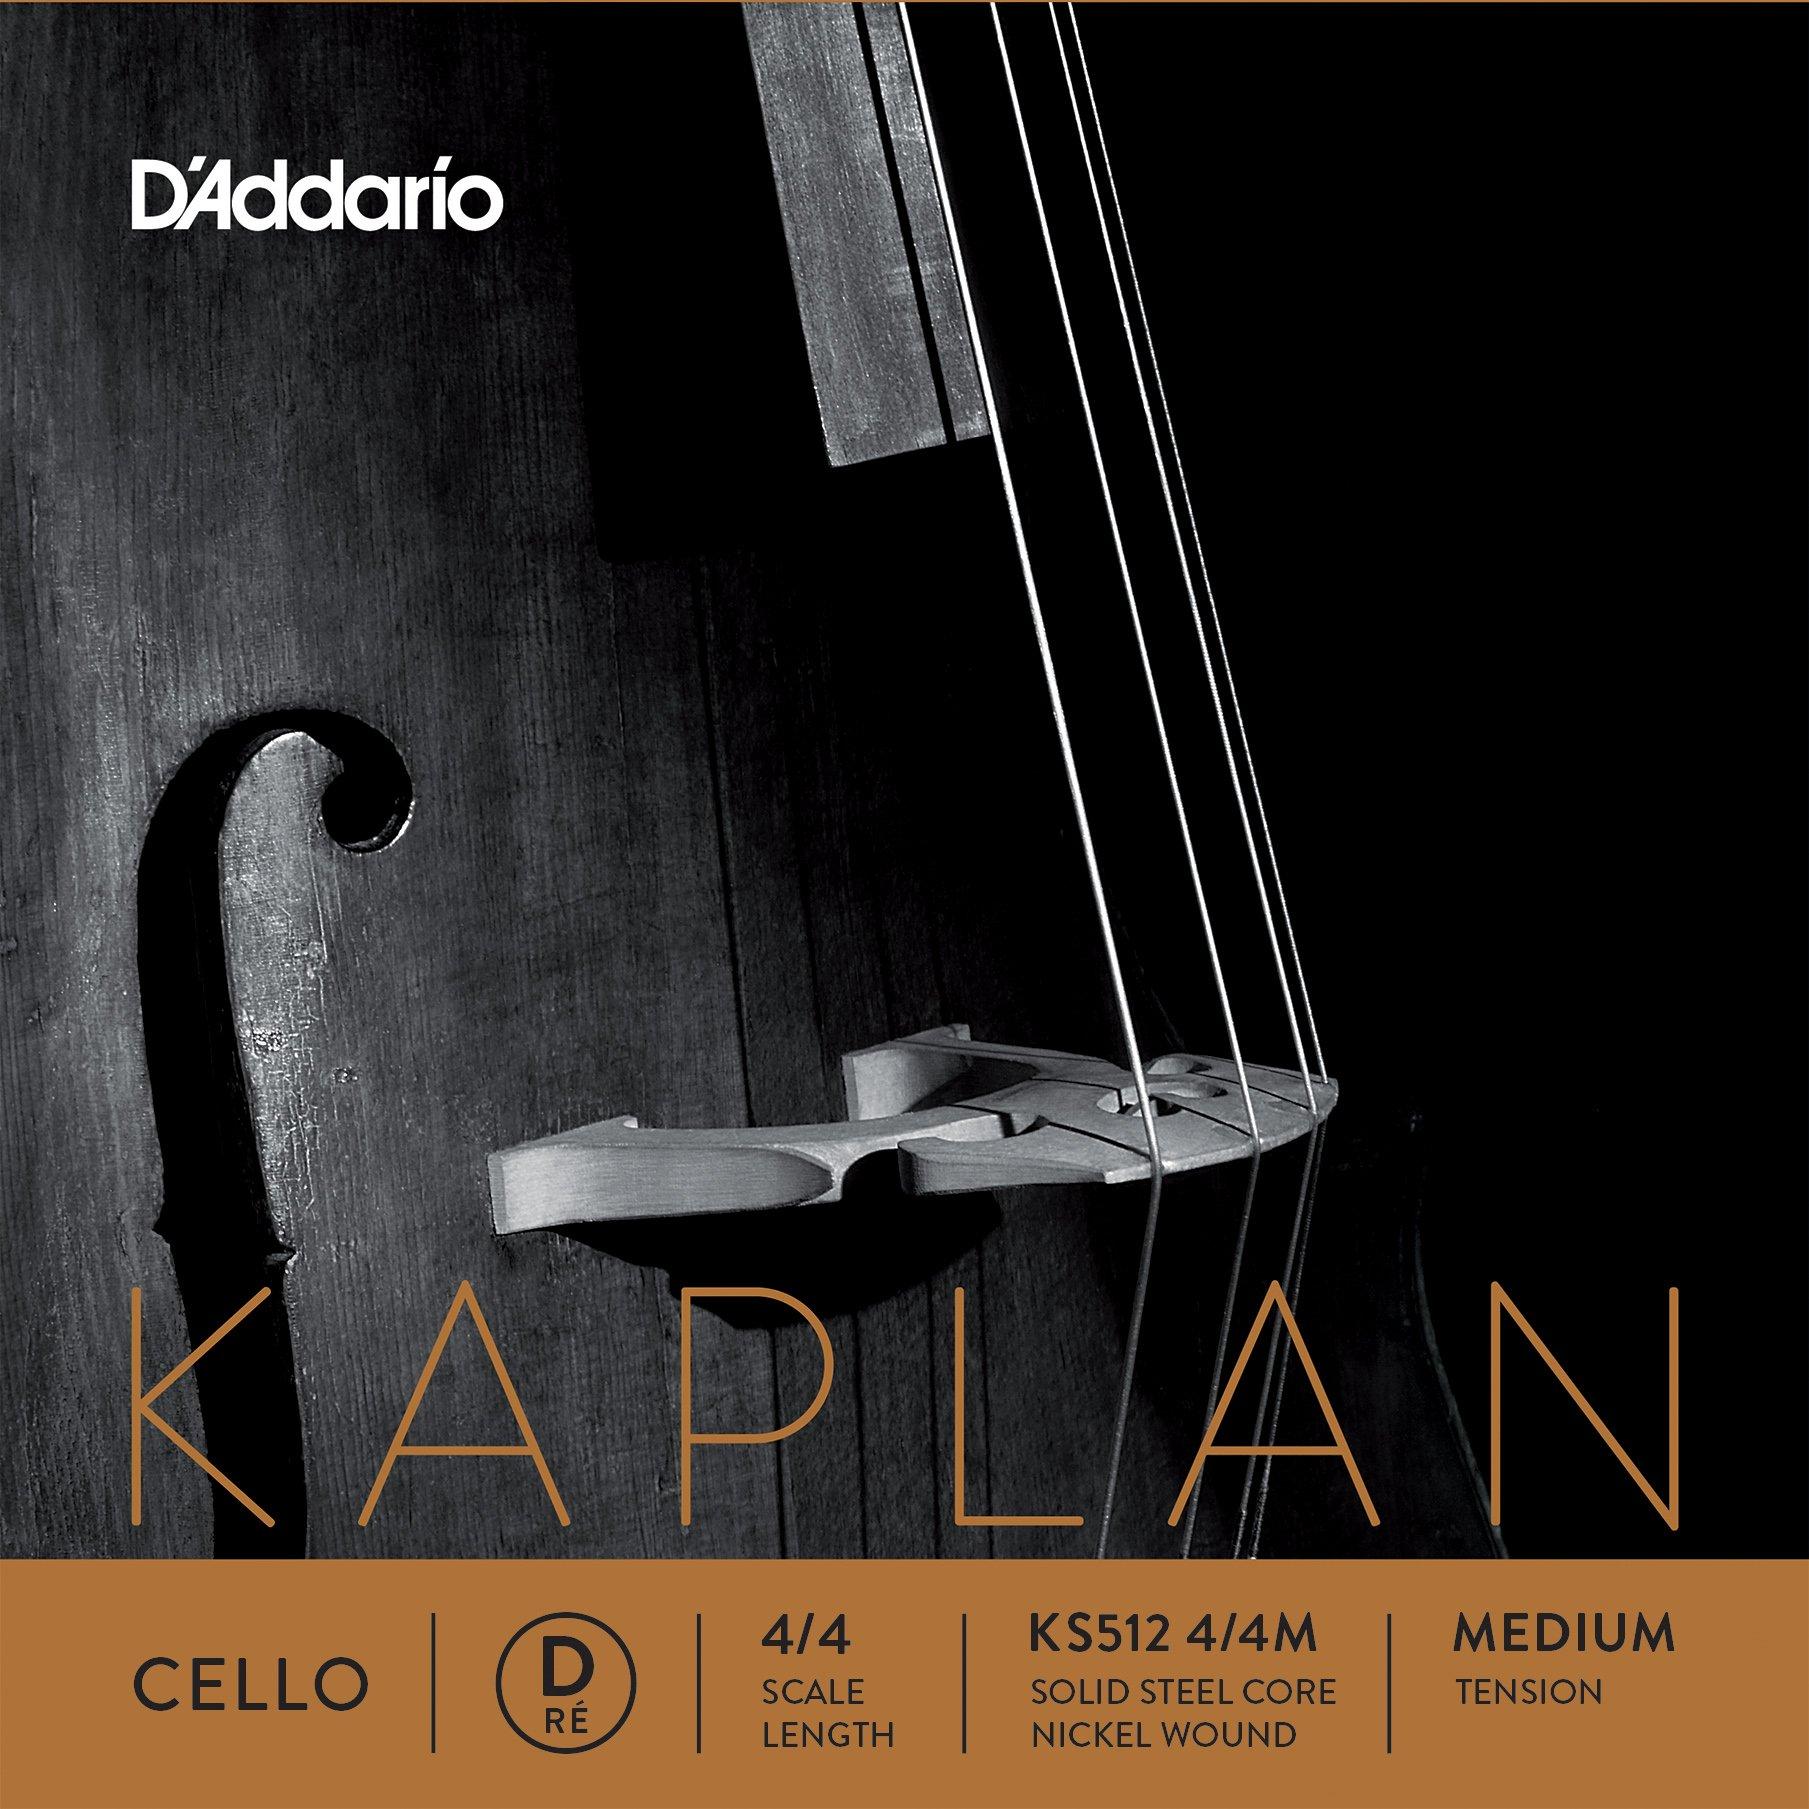 D'Addario Kaplan Cello Single D String, 4/4 Scale, Medium Tension